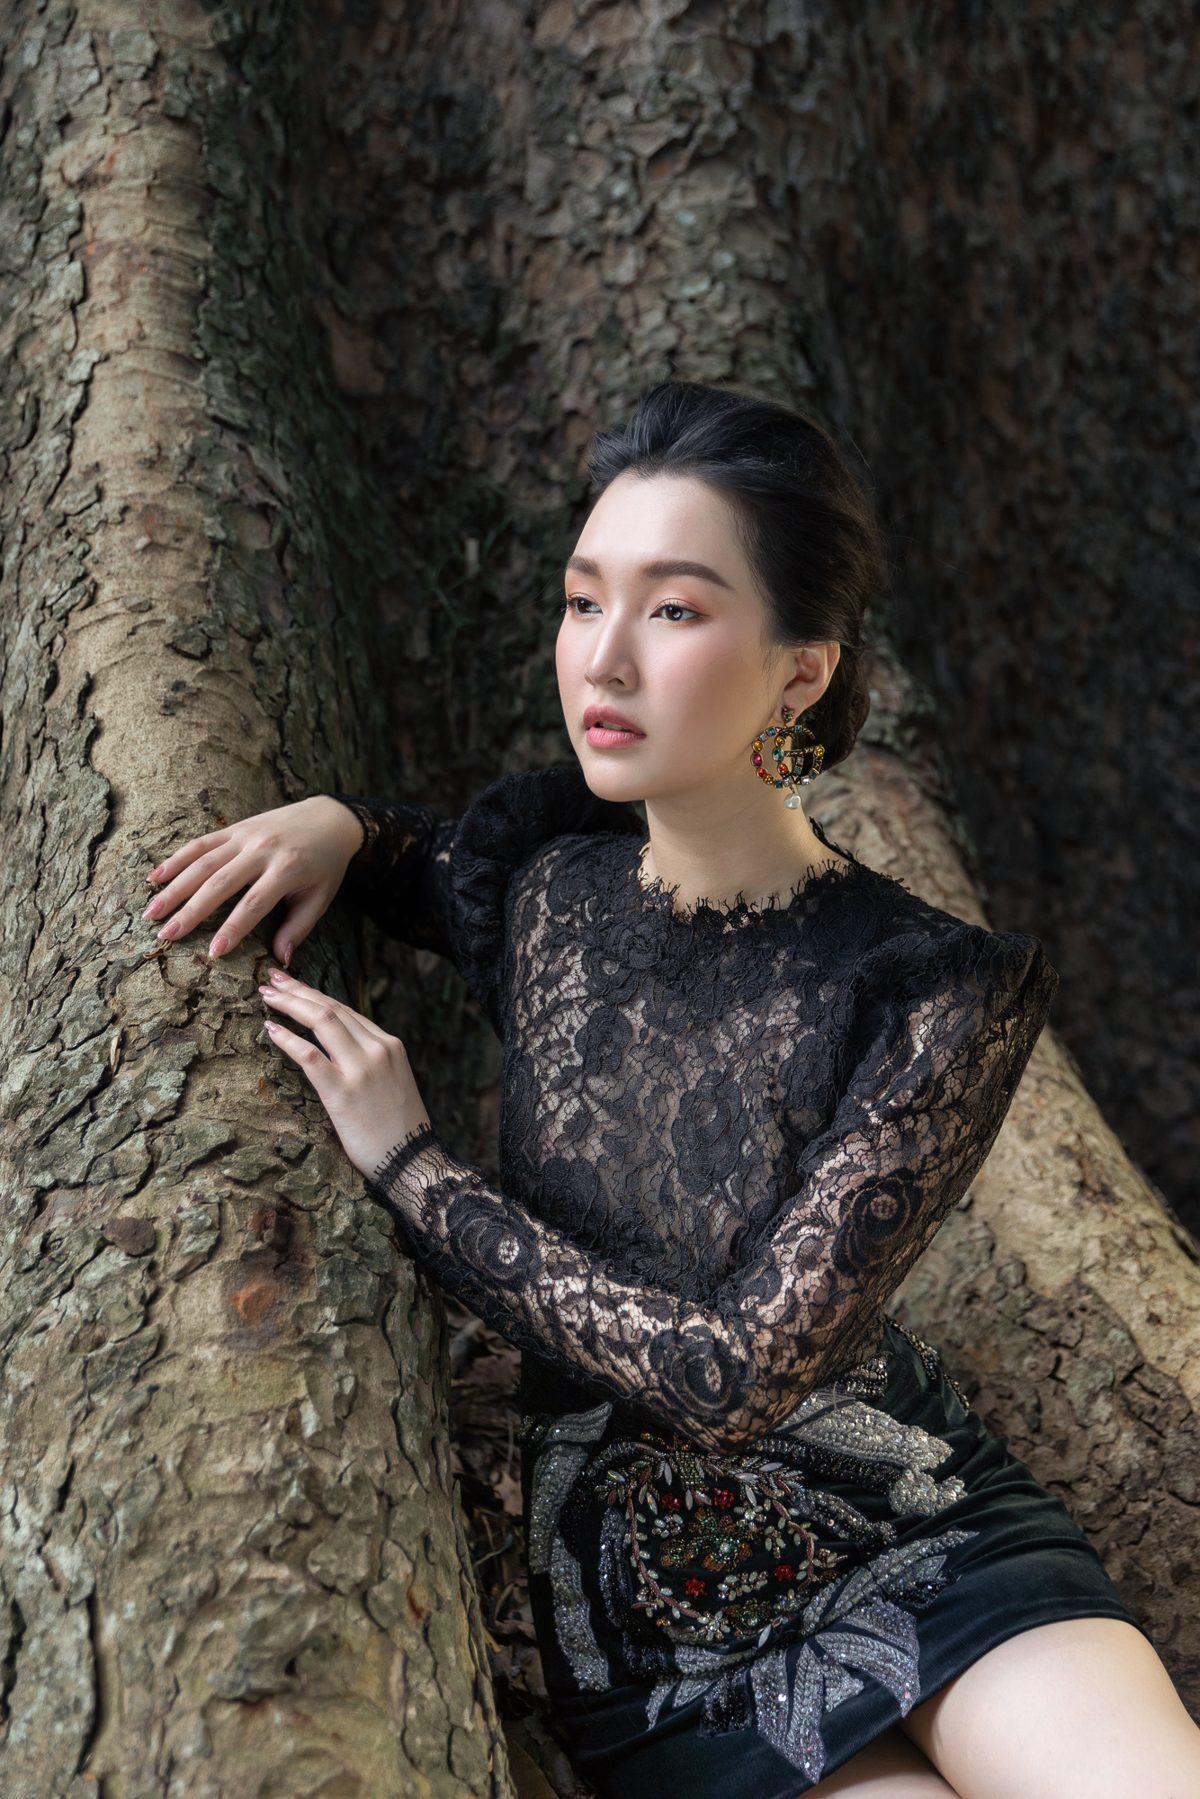 'Nàng thơ xứ Huế' Ngọc Trân cuốn hút với nét mơ màng trong loạt váy áo e ấp Ảnh 20